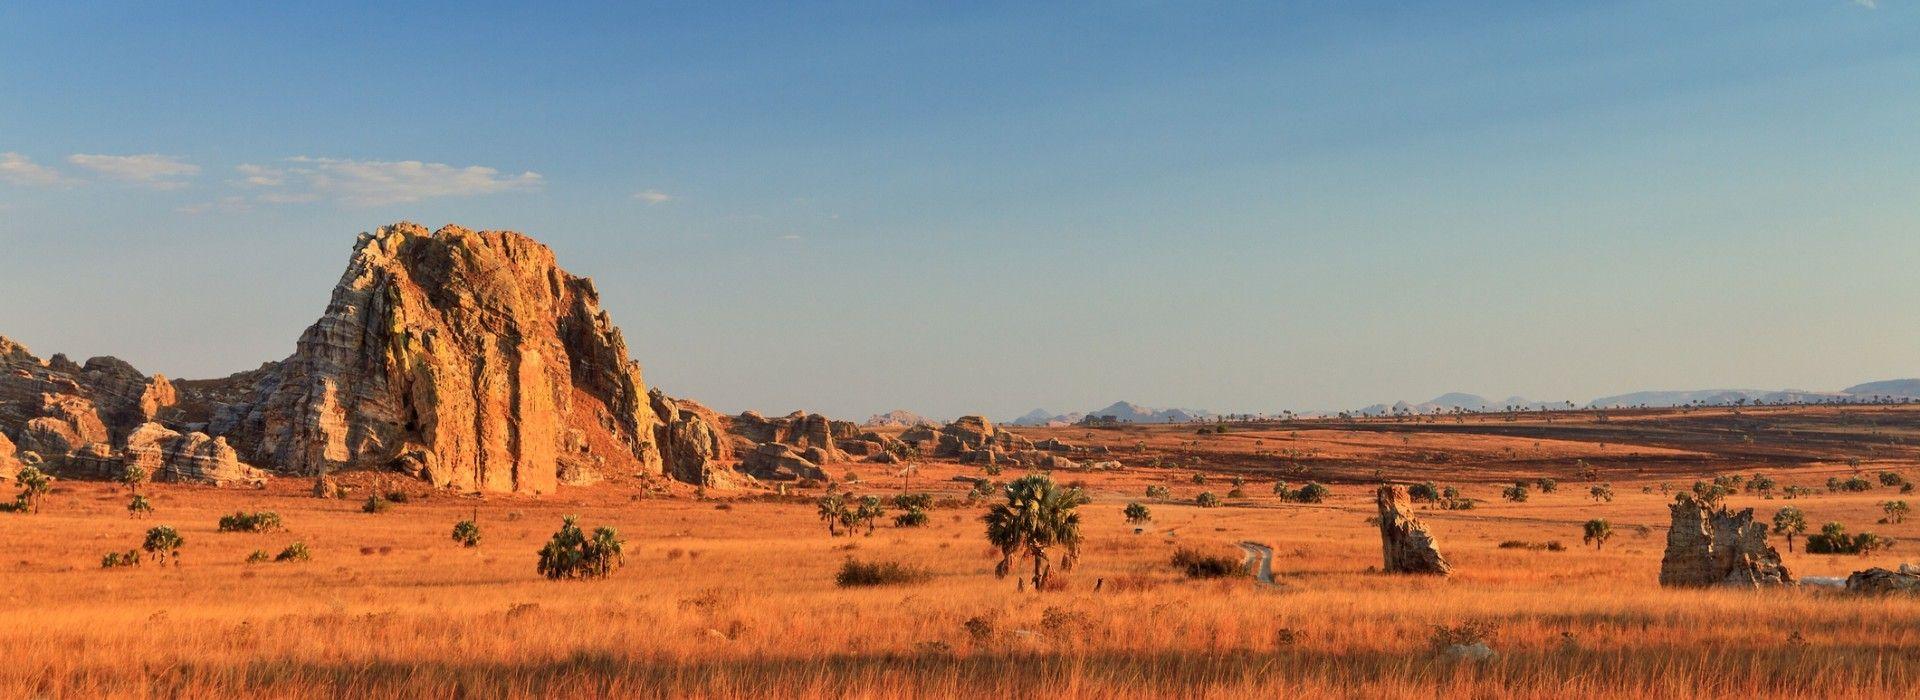 Trekking Tours in Madagascar